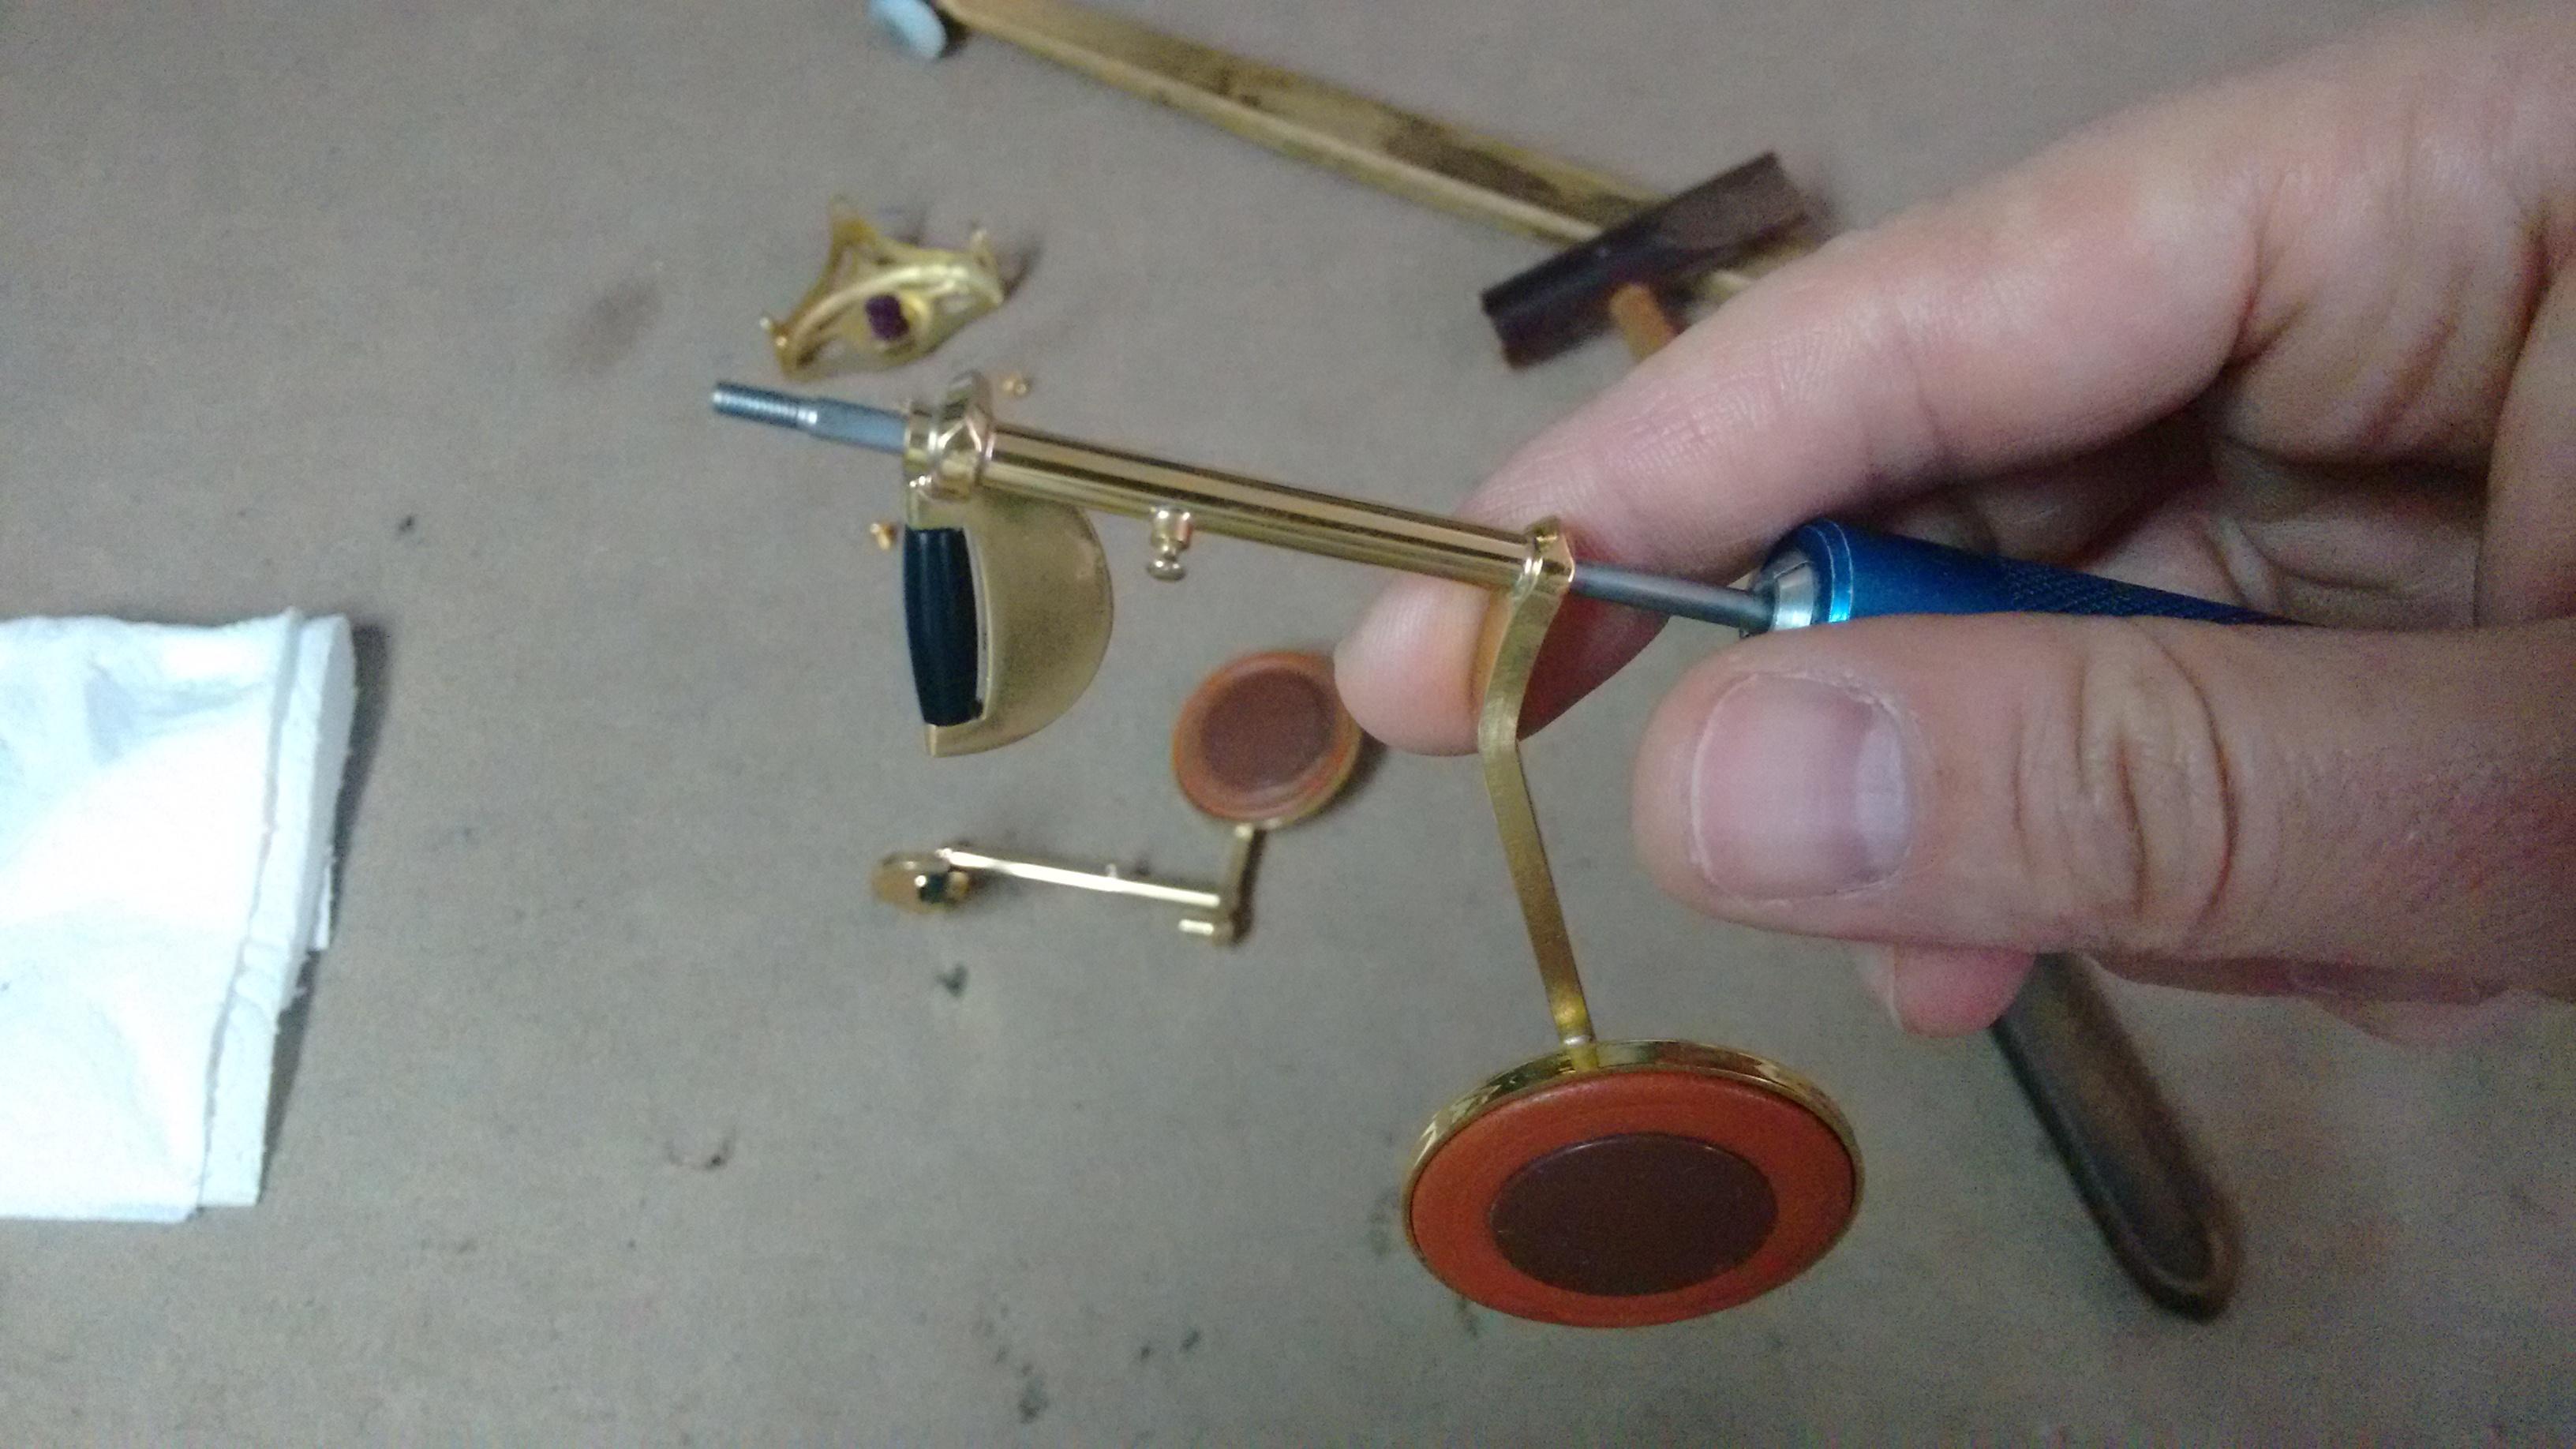 Asentando y enderezando el tornillo pasante junto con las llaves